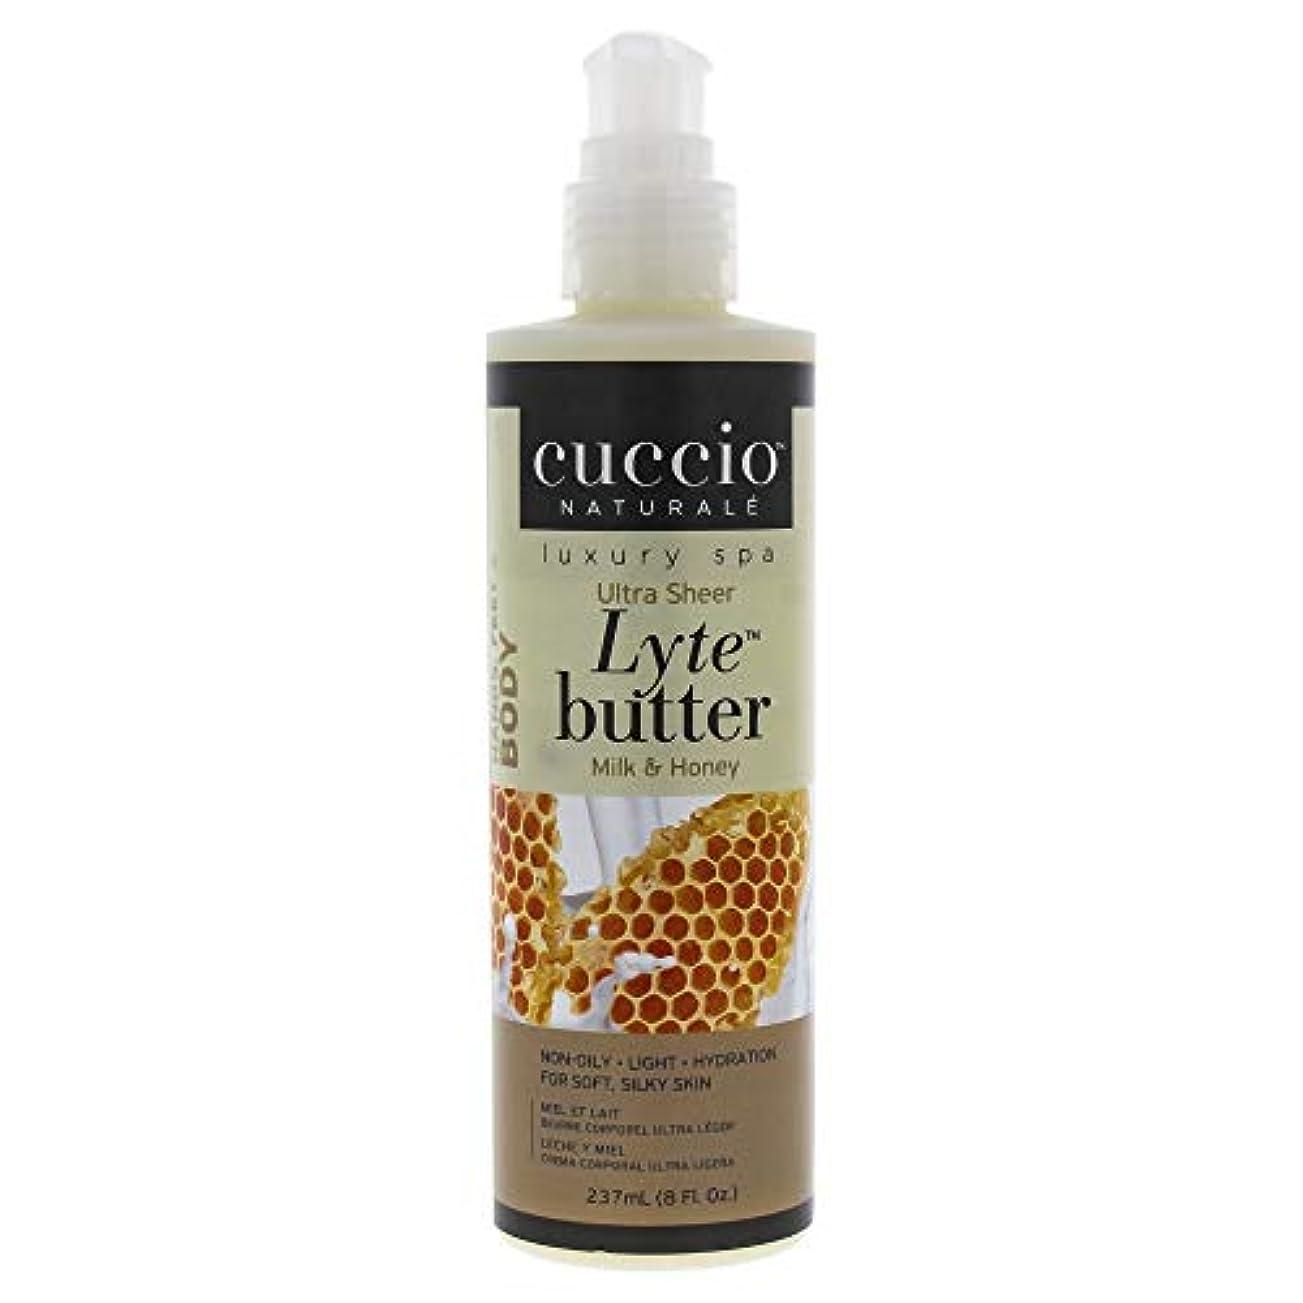 ポーチ瞳スタジオCuccio Lyte Body Butter, Honey and Soy Milk, 8 Ounce by Cuccio